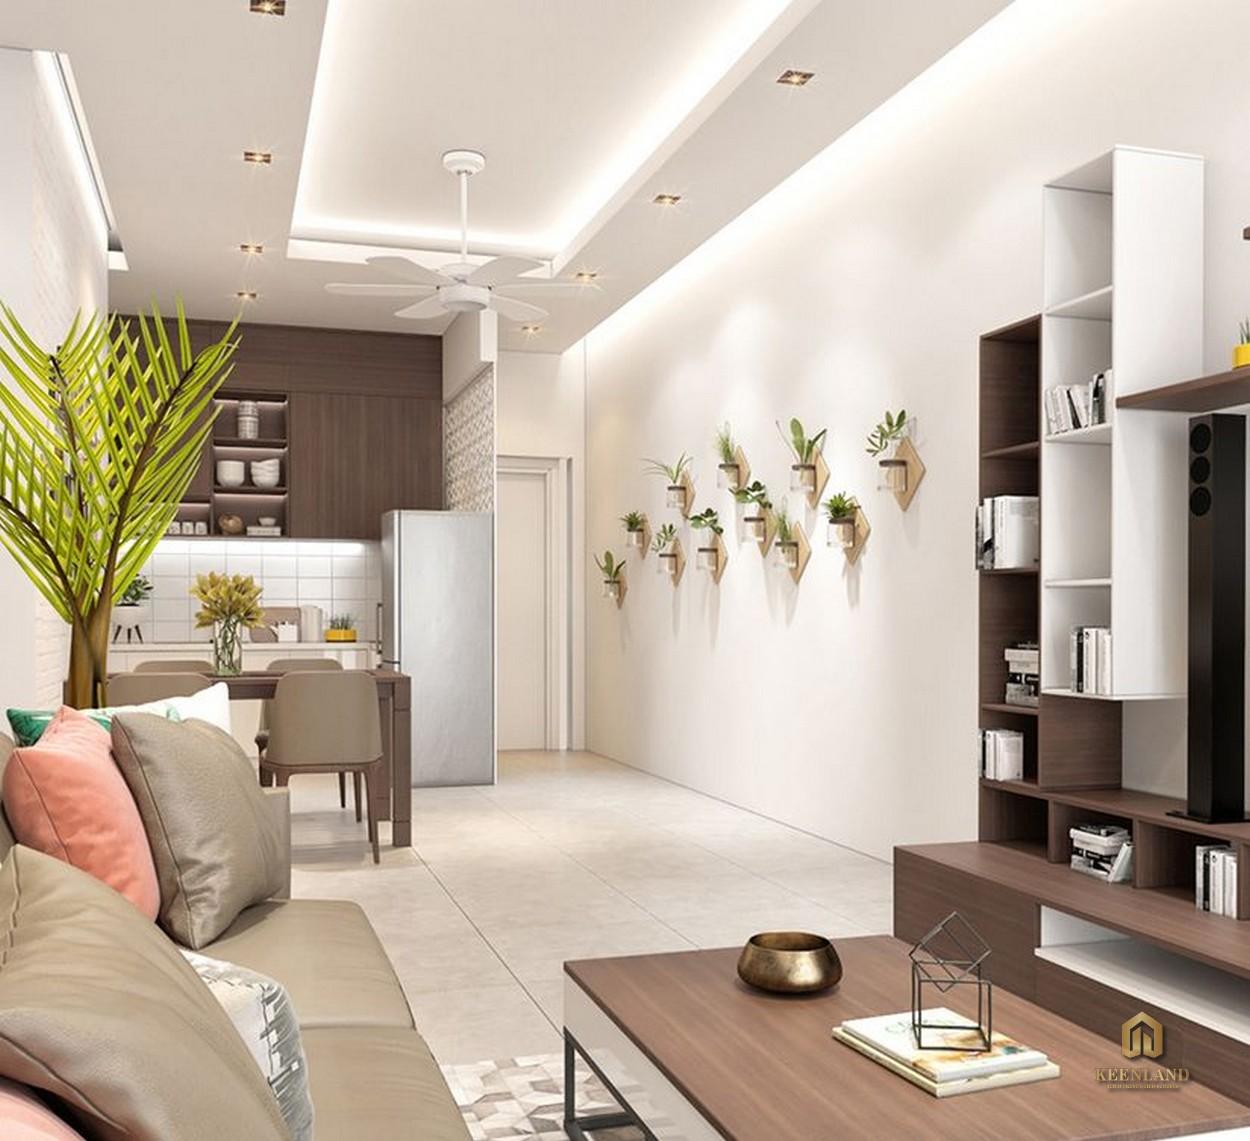 Thiết kế phòng khách căn hộ mẫu chung cư Thế Hệ Mới